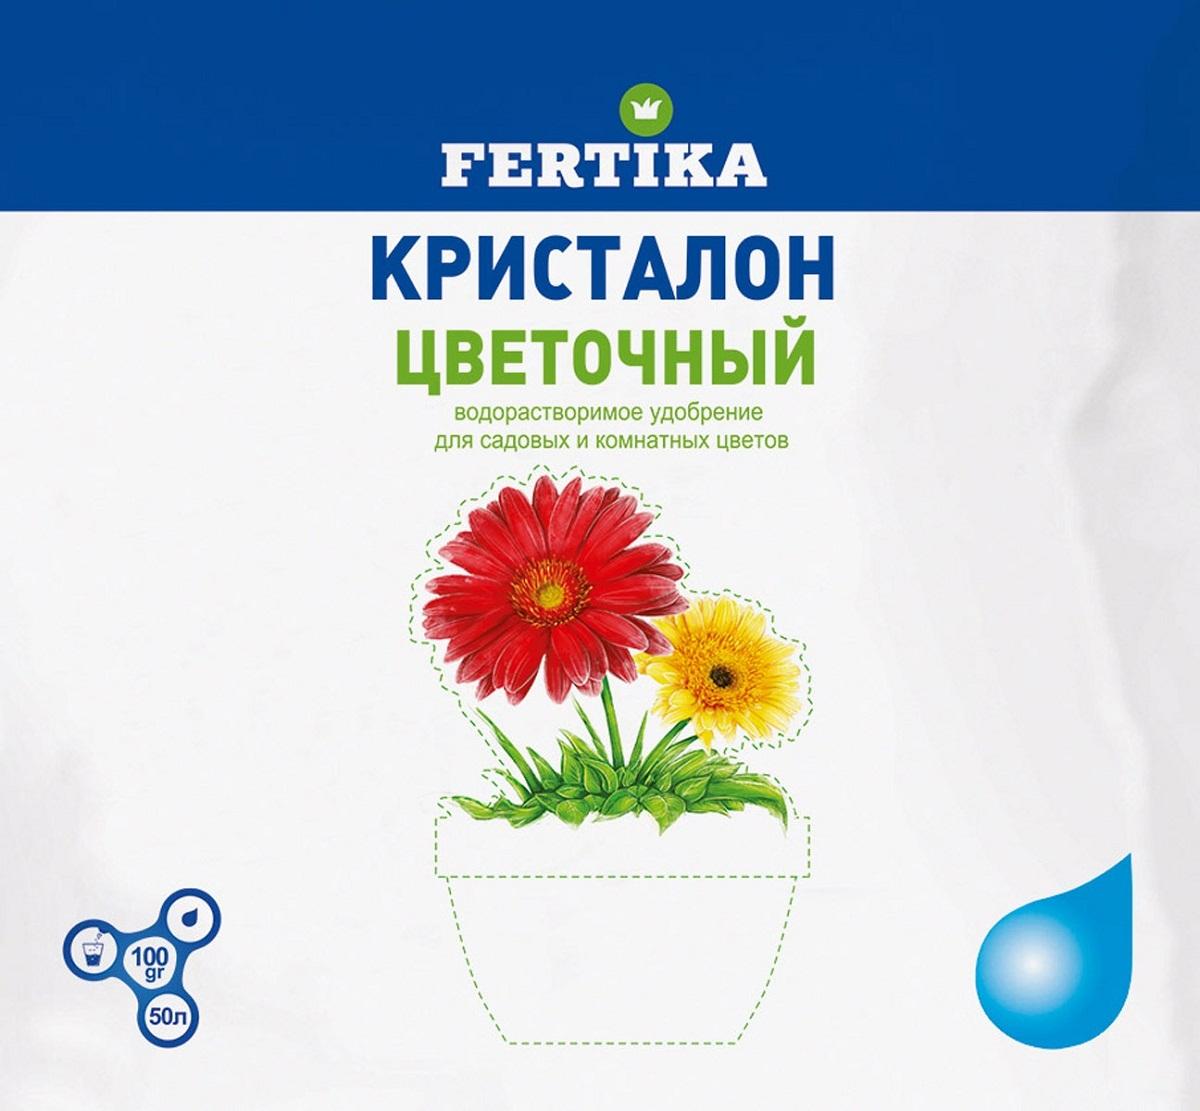 Удобрение Фертика Кристалон, для садовых и комнатных растений, 100 гBi-fertika0003Удобрение Фертика Кристалон - полностью водорастворимое комплексное азотно-фосфорнокалийное удобрение, содержащее микроэлементы. Имеет хорошо сбалансированный макро- и микроэлементный состав, для использования при выращивании всех овощных и цветочных культур воткрытом грунте и теплицах. Увеличивает наращивание вегетативной массы, особенно в начальной стадии развития растений. Применяется в растворенном виде, как под корень, так и в качестве листовой подкормки.Примнение:При выращивании комнатных растений: поливать растения следует 0,1-0,2% раствором (10-20 г/10 л воды) – летом при каждом поливе, зимой – при каждом третьем поливе. Не следует подкармливать свежепересаженные растения и растения находящиеся в состоянии покоя.При выращивании рассады: 10 г продукта растворяют в 10 литрах воды и этим раствором рассада поливается один раз в неделю.При выращивании овощных культур и цветов: для культур защищенного грунта при каждом поливе использовать 0,1-0,2% раствор (10-20 г/10 л воды); для овощей и цветов открытого грунта также применяют 0,1-0,2% раствор 1 раз в 2 недели.Листовая подкормка: обработку проводят 1% раствором (10 г растворяют в 1 л воды, прииспользовании опрыскивателя). При необходимости повторить через 7-10 дней.Товар сертифицирован.